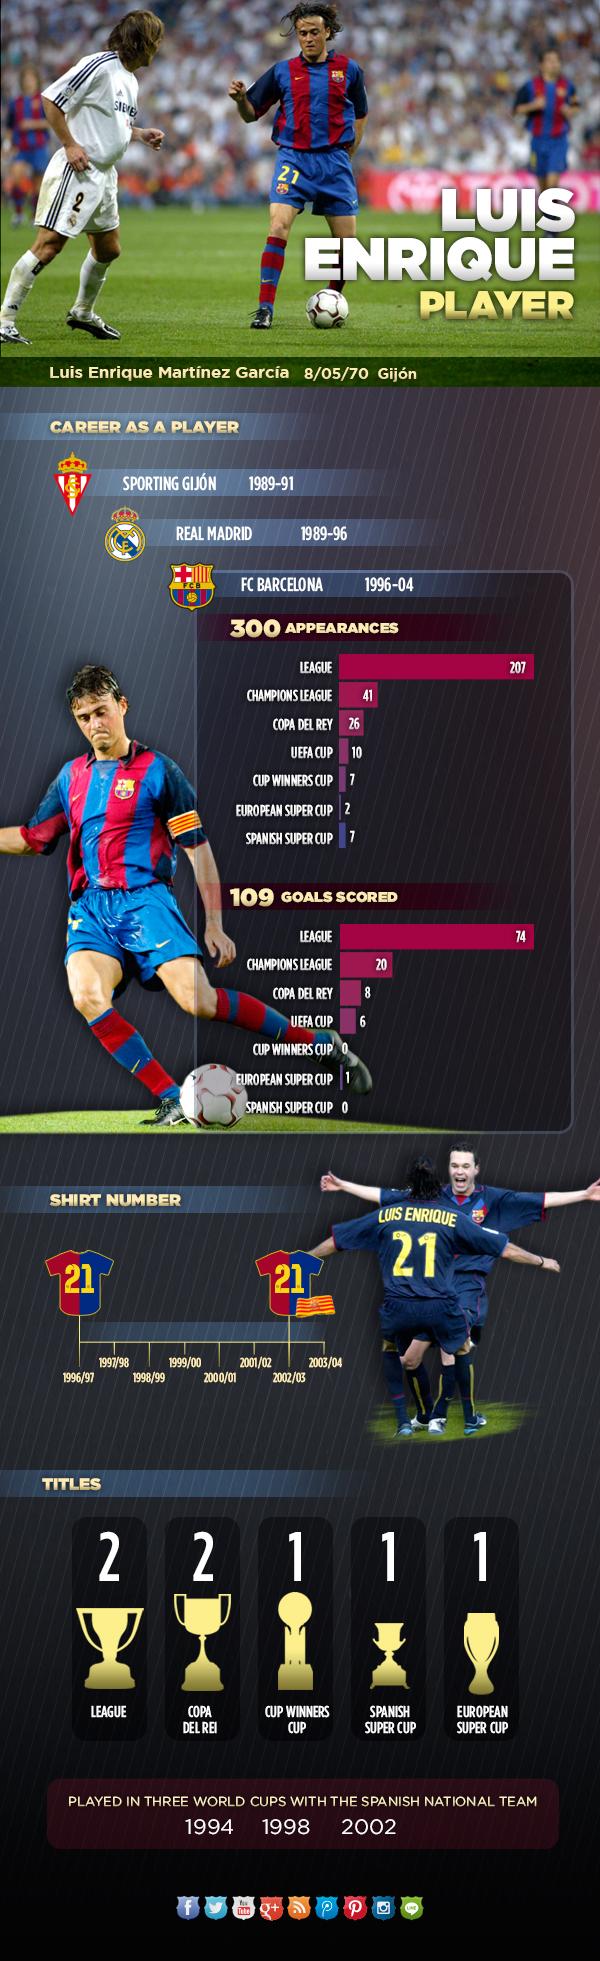 Spécial Messi et FCBarcelone (Part 2) - Page 9 Infografic_LUIS_ENRIQUE-jugador-ENG.v1400607055